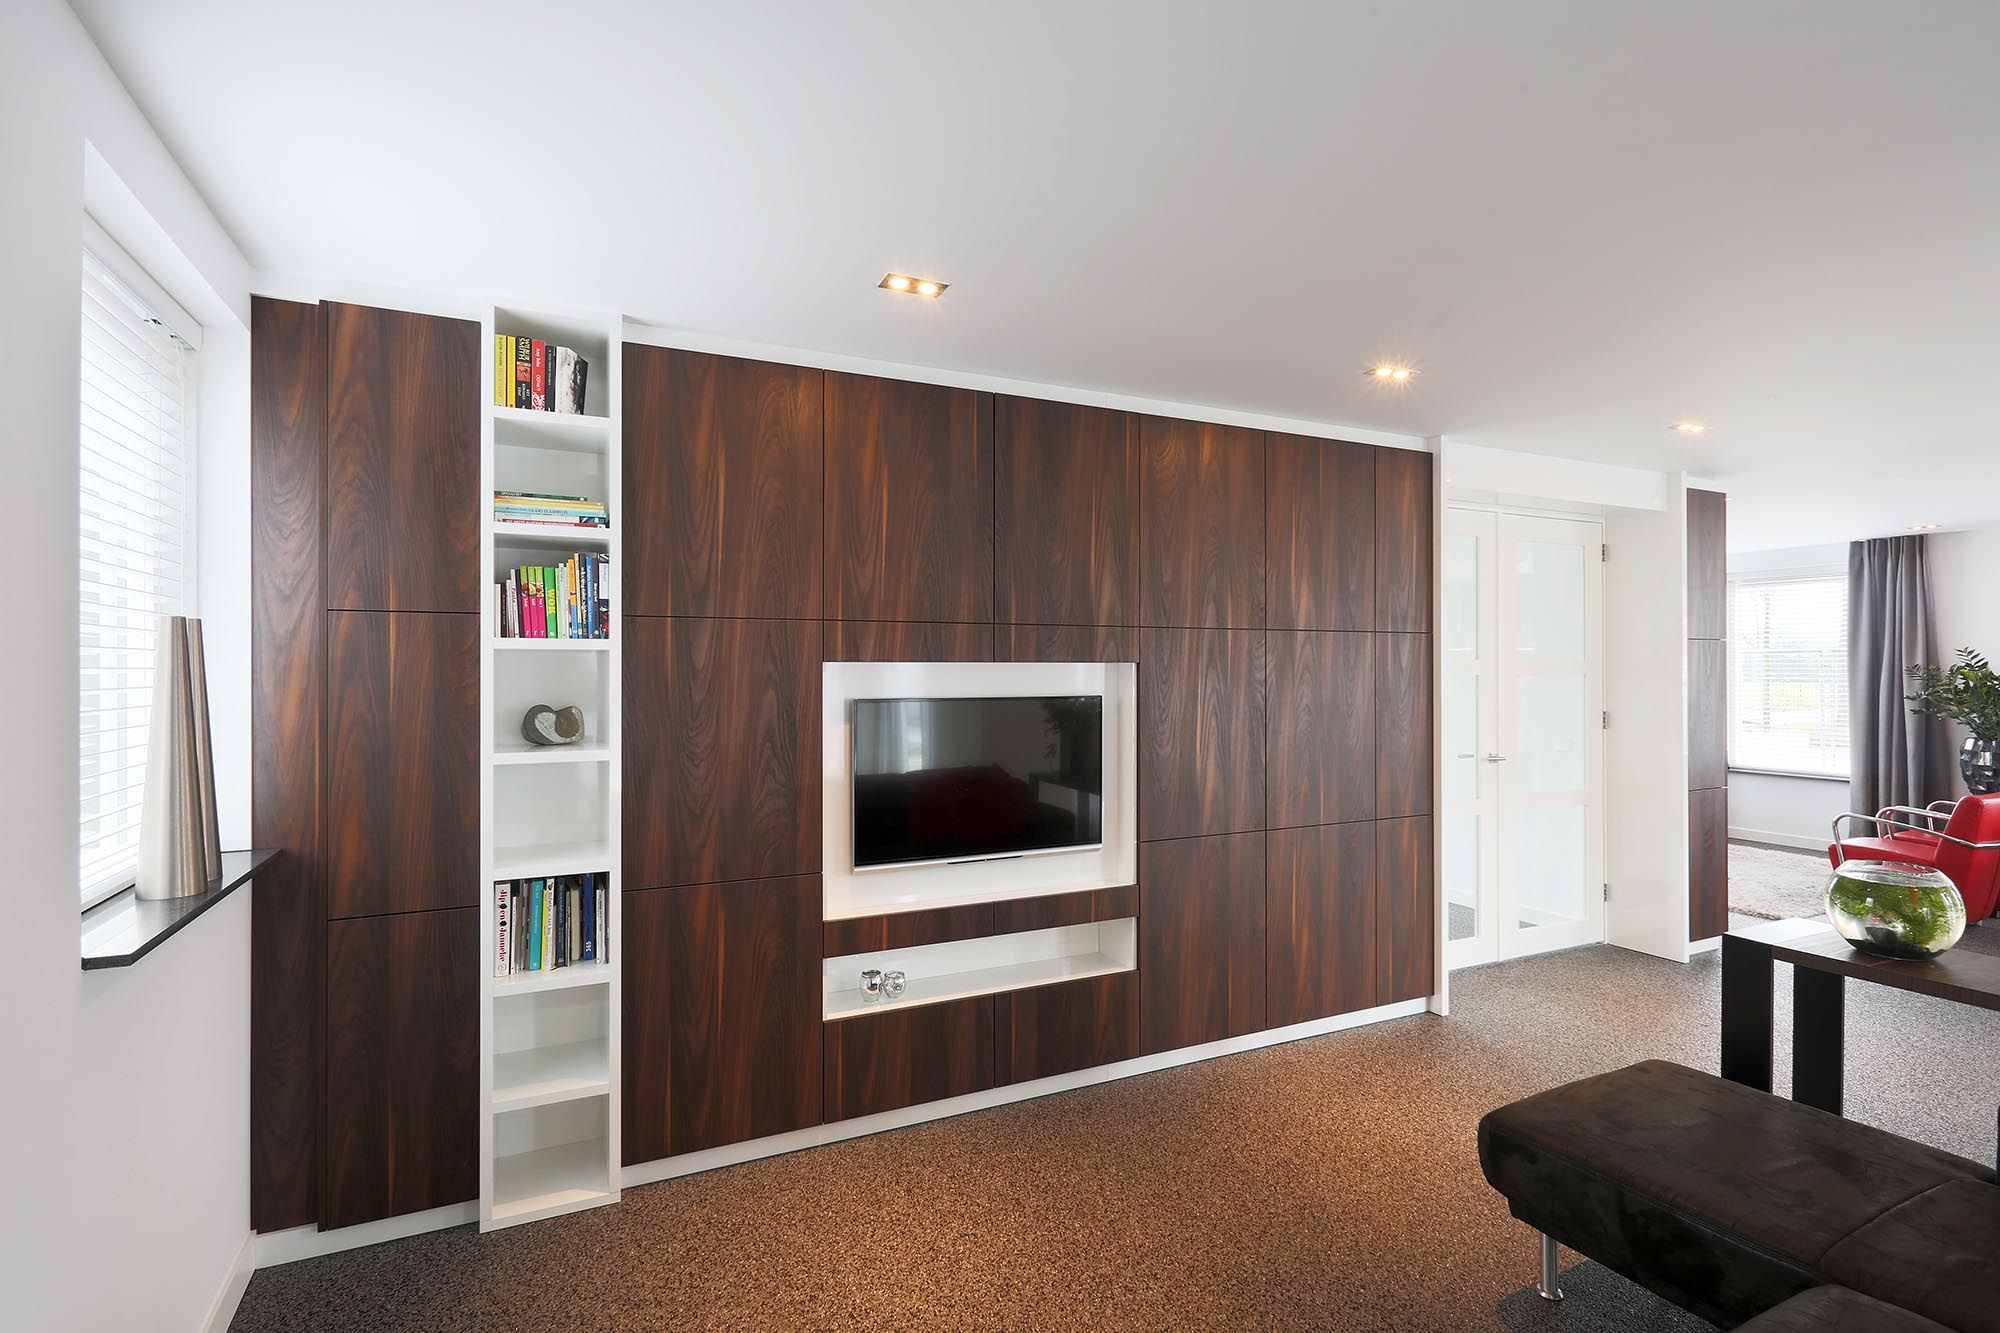 Afbeeldingsresultaat voor kastenwand woonkamer | Personal Choices ...